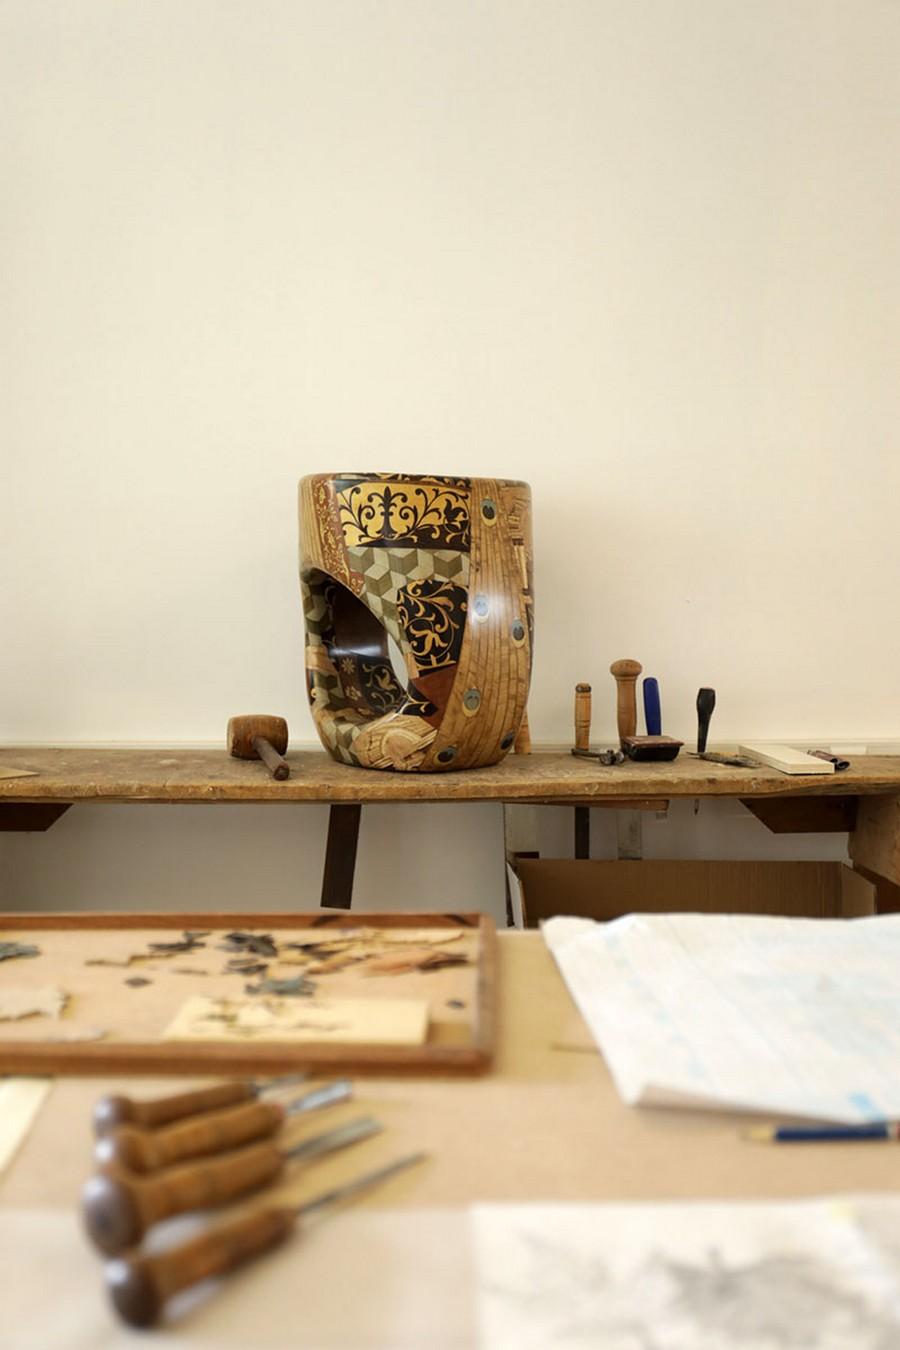 maison et objet Maison Et Objet: Discover Project Culture's Handcrafted Designs Maison Et Objet Discover Project Culture   s Handcrafted Designs 6